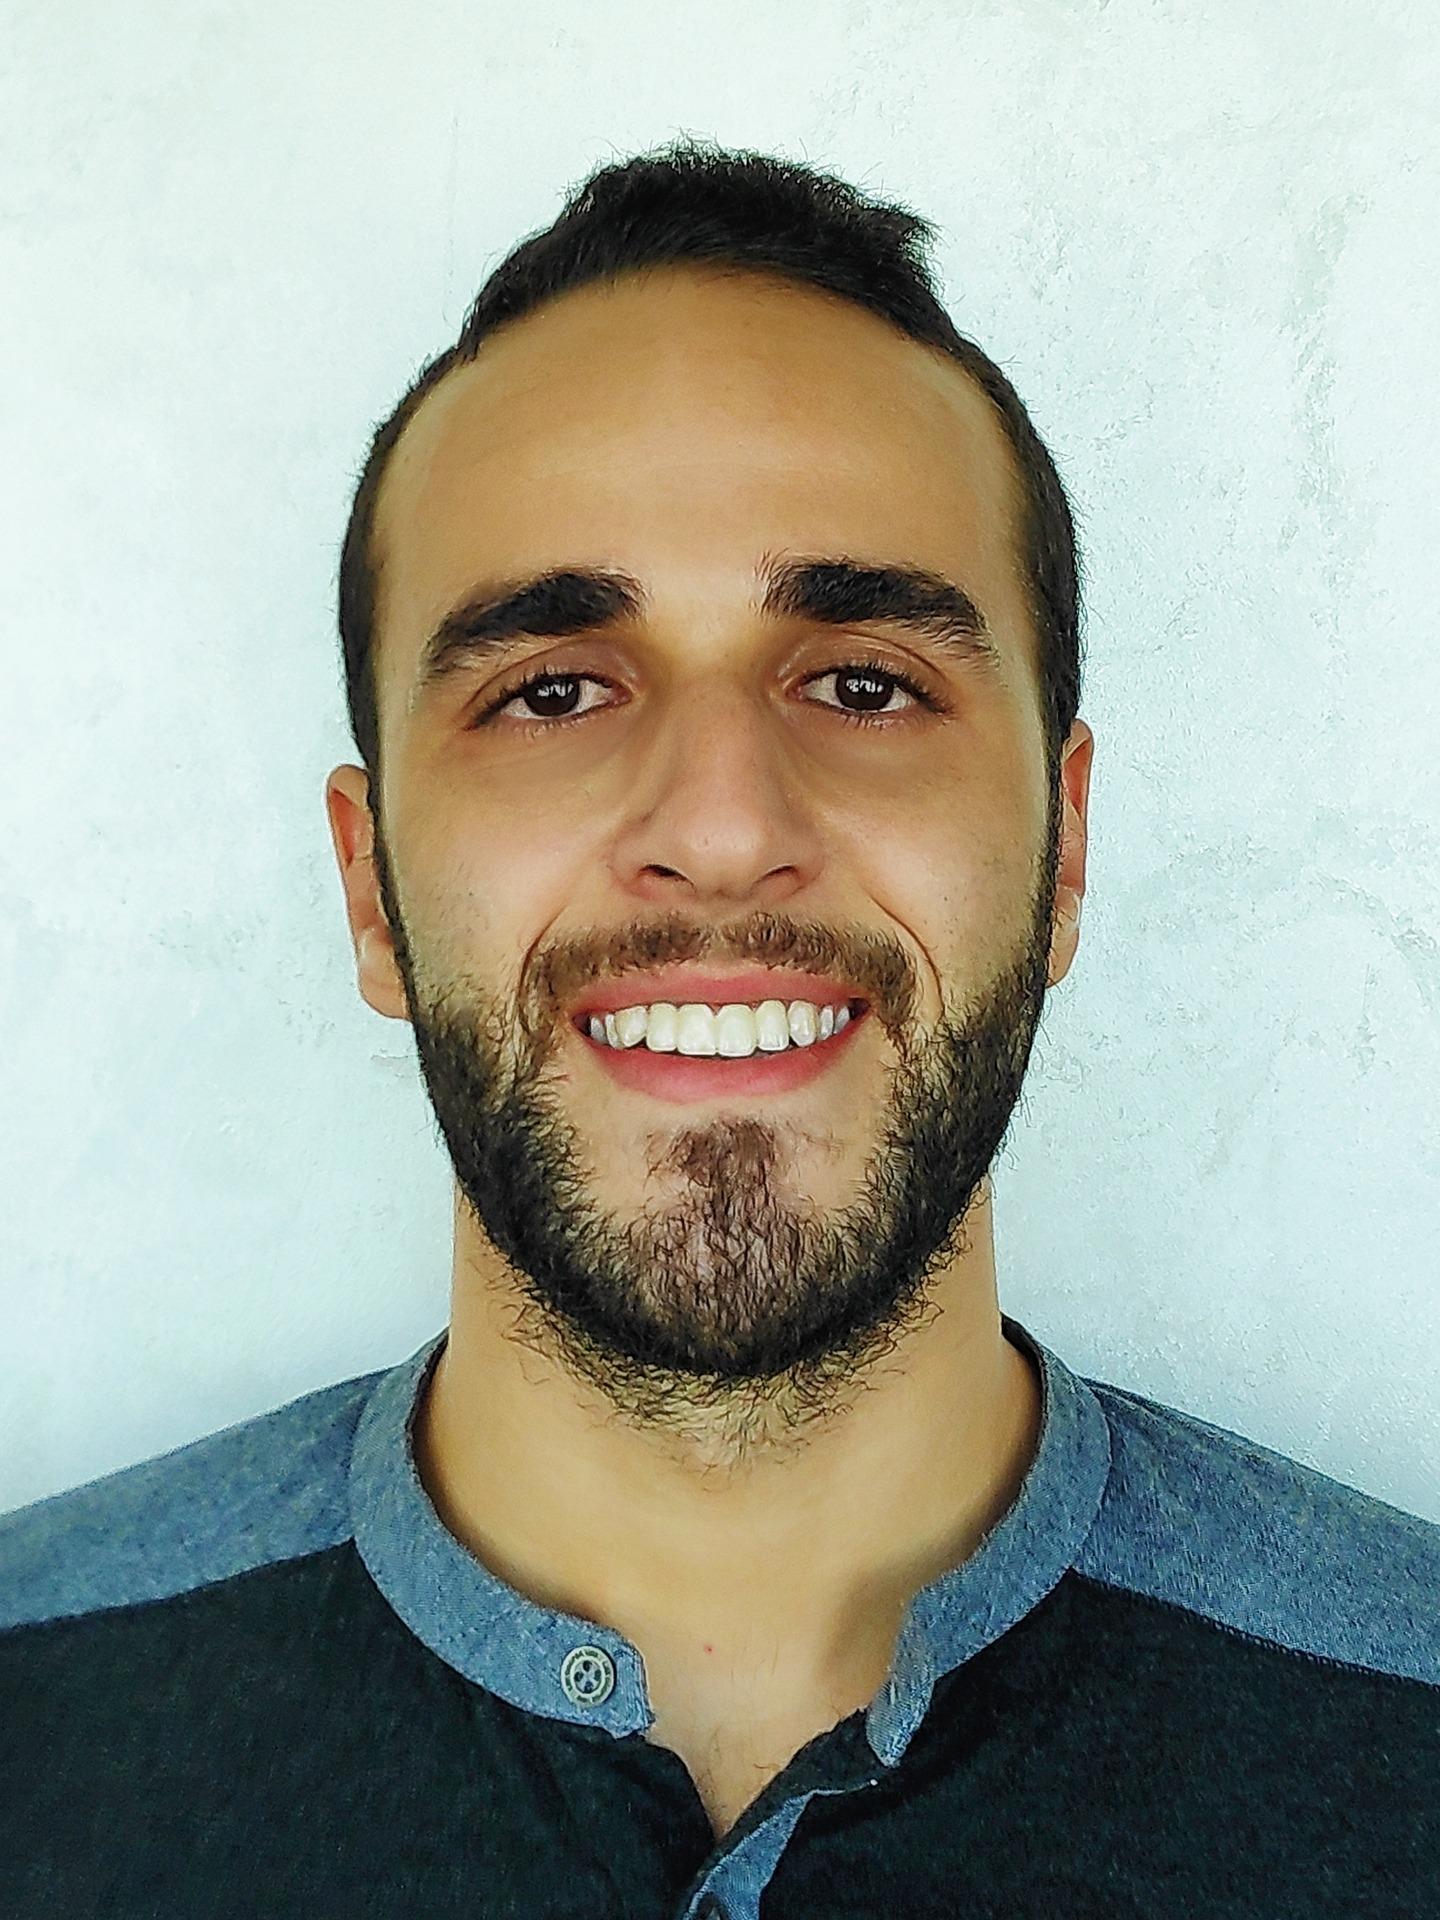 El Mahdi Benzekri